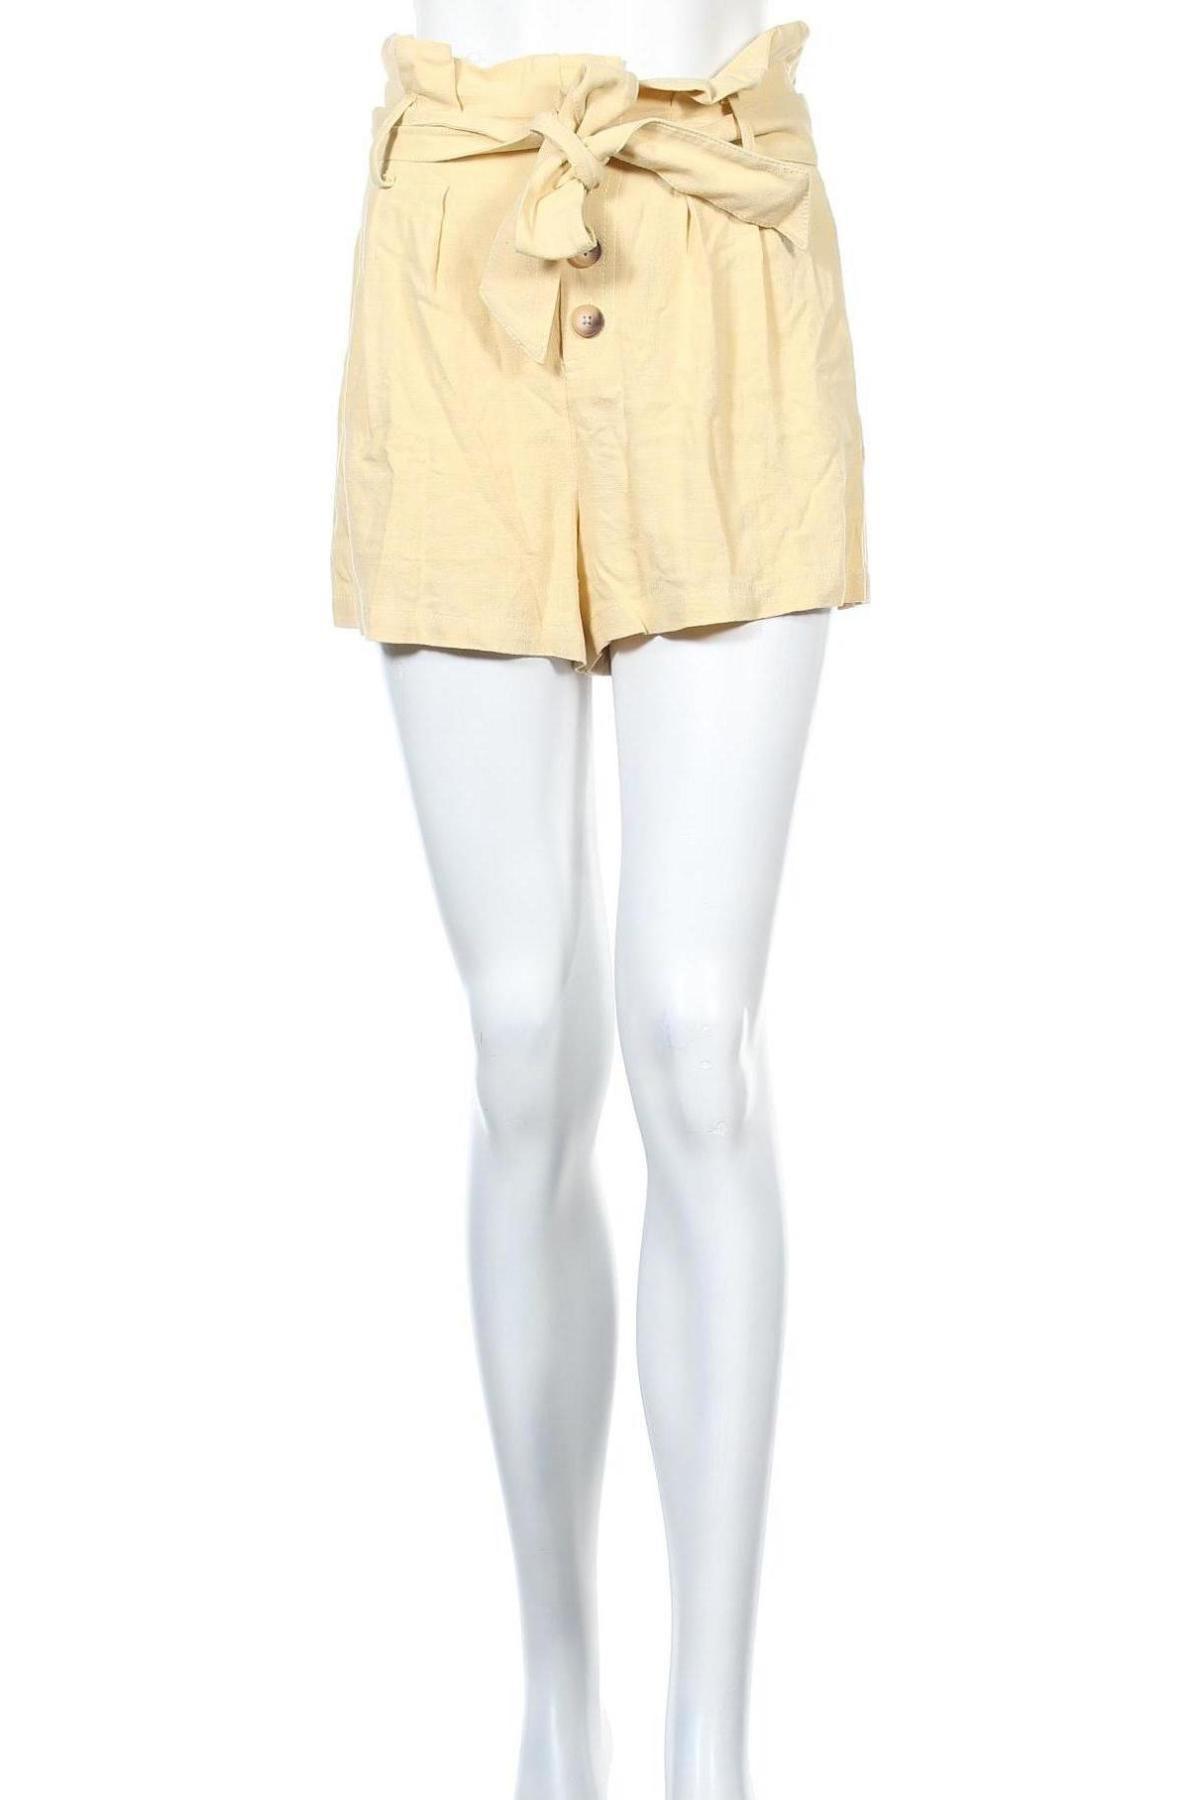 Γυναικείο κοντό παντελόνι Topshop, Μέγεθος S, Χρώμα Κίτρινο, 73% βισκόζη, 27% λινό, Τιμή 18,10€